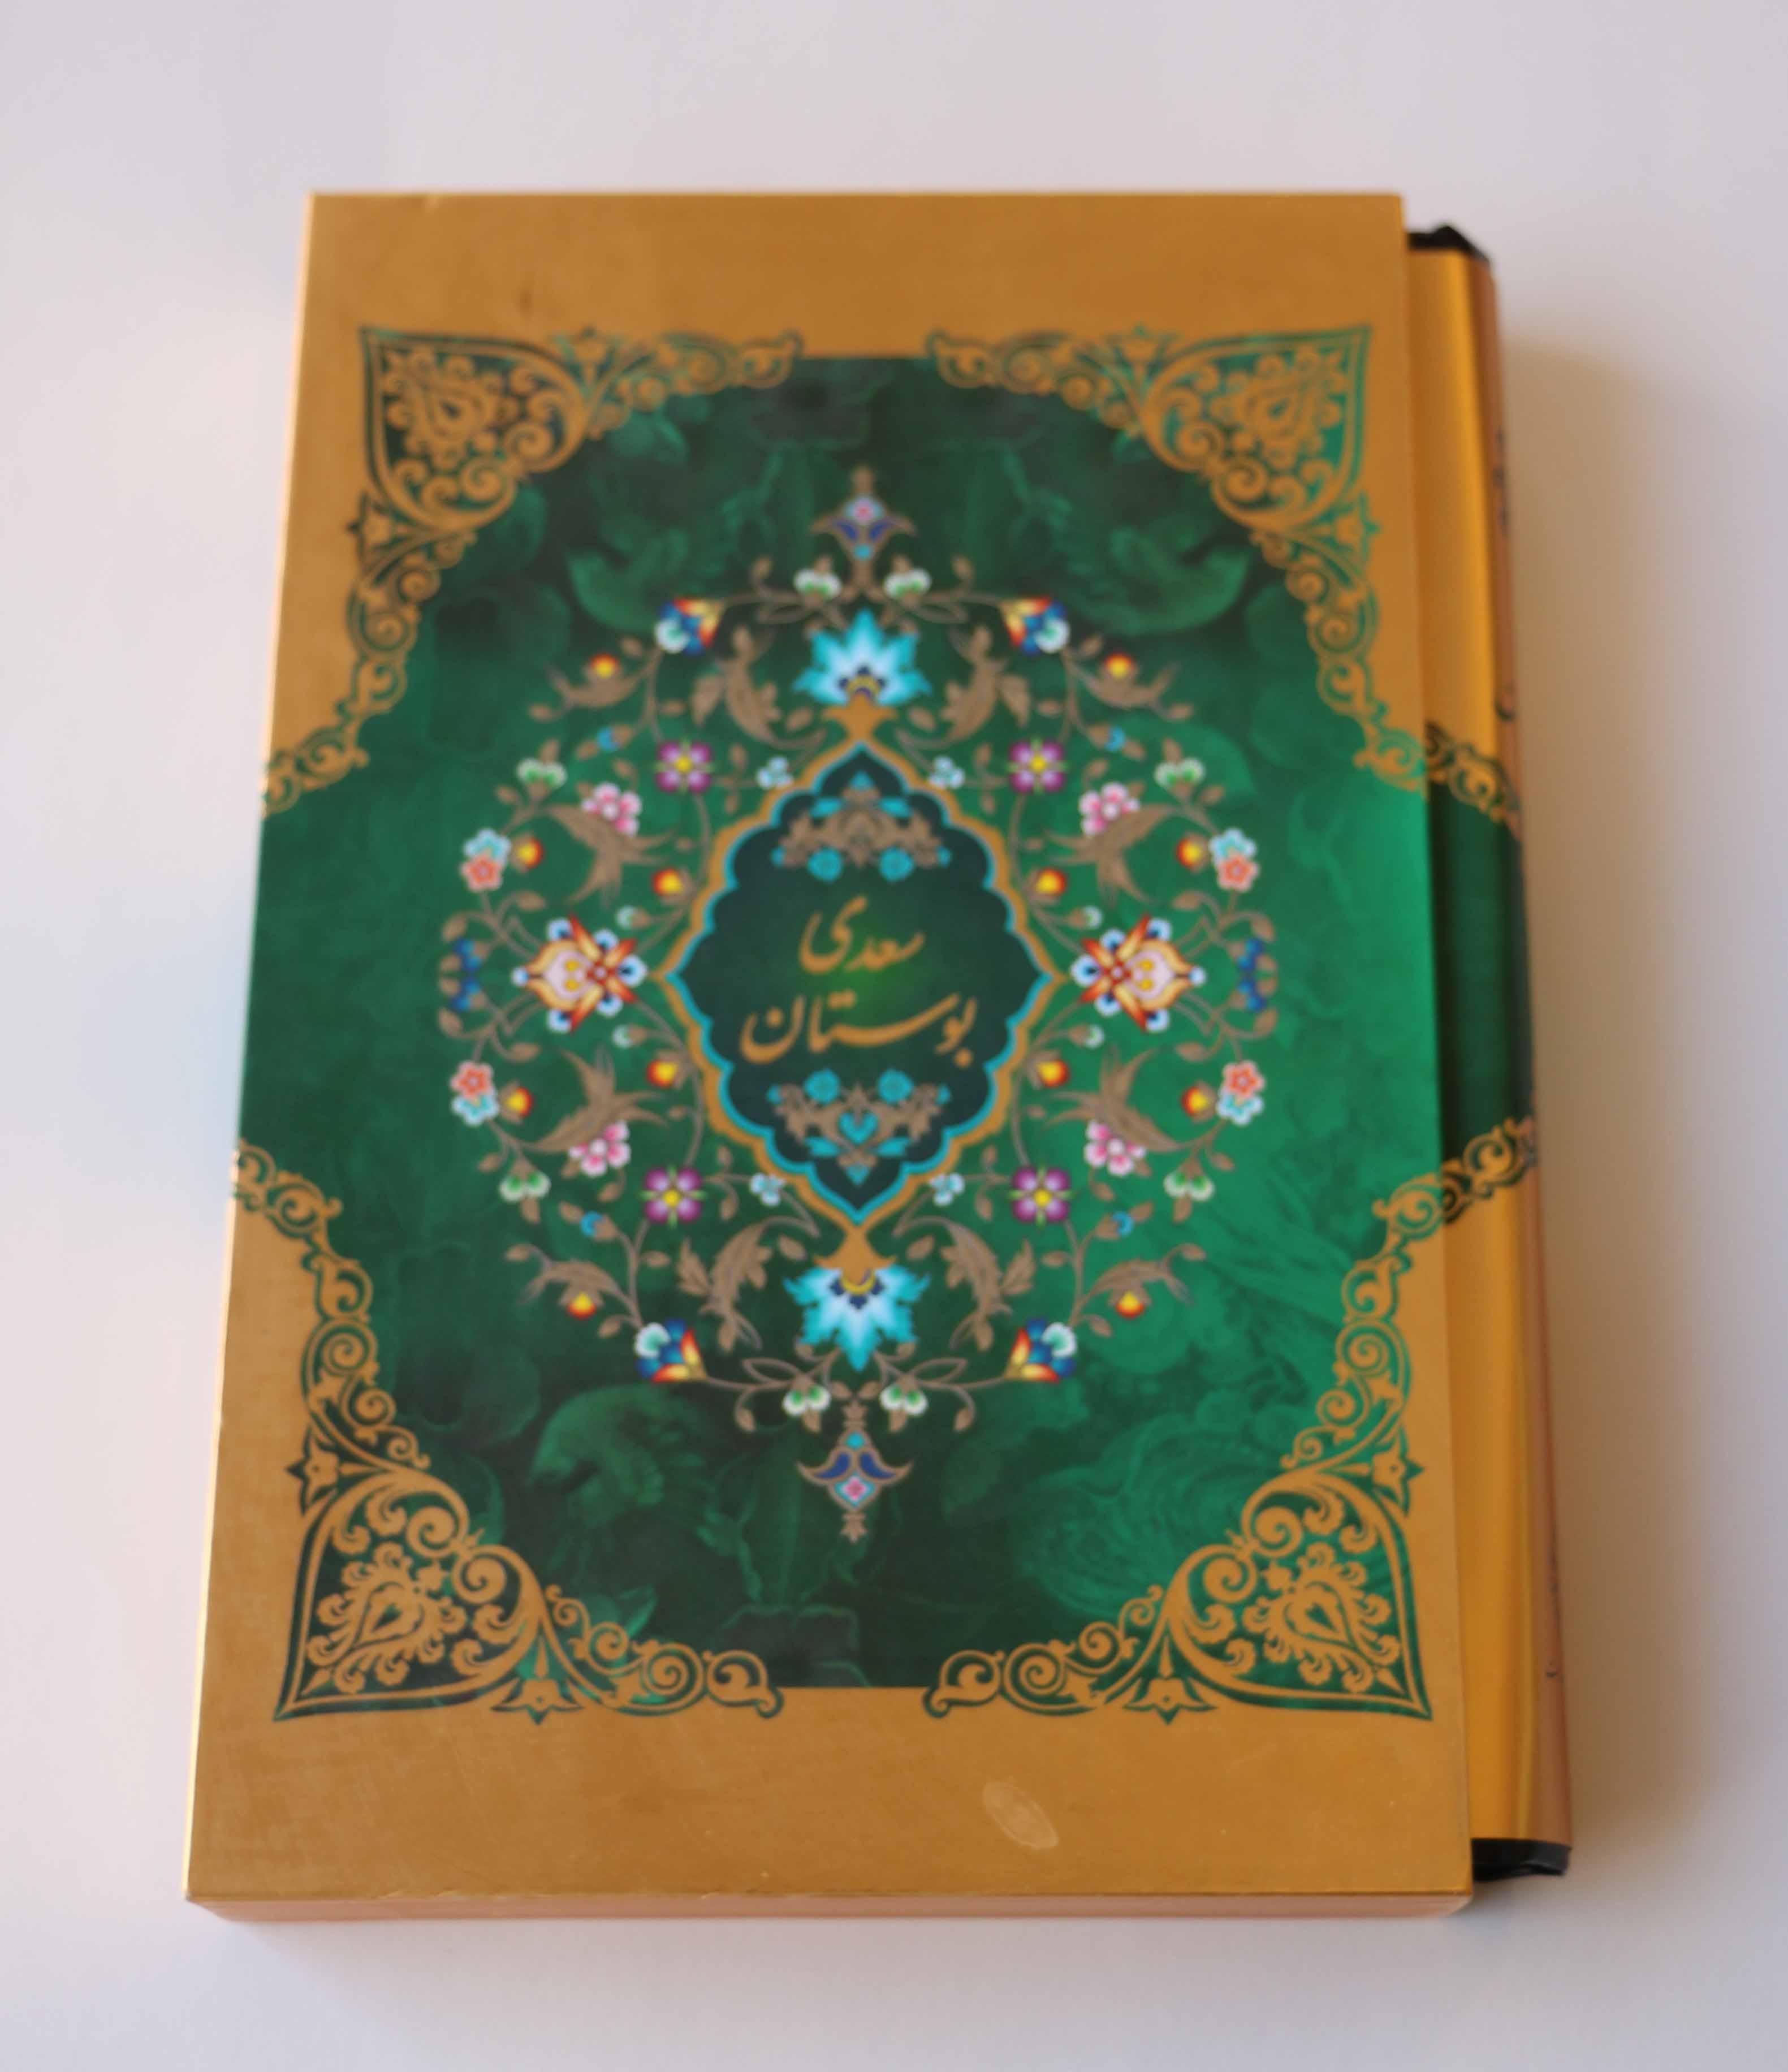 شعری از بوستان سعدی/ شنیدم که فرزانهای حق پرست